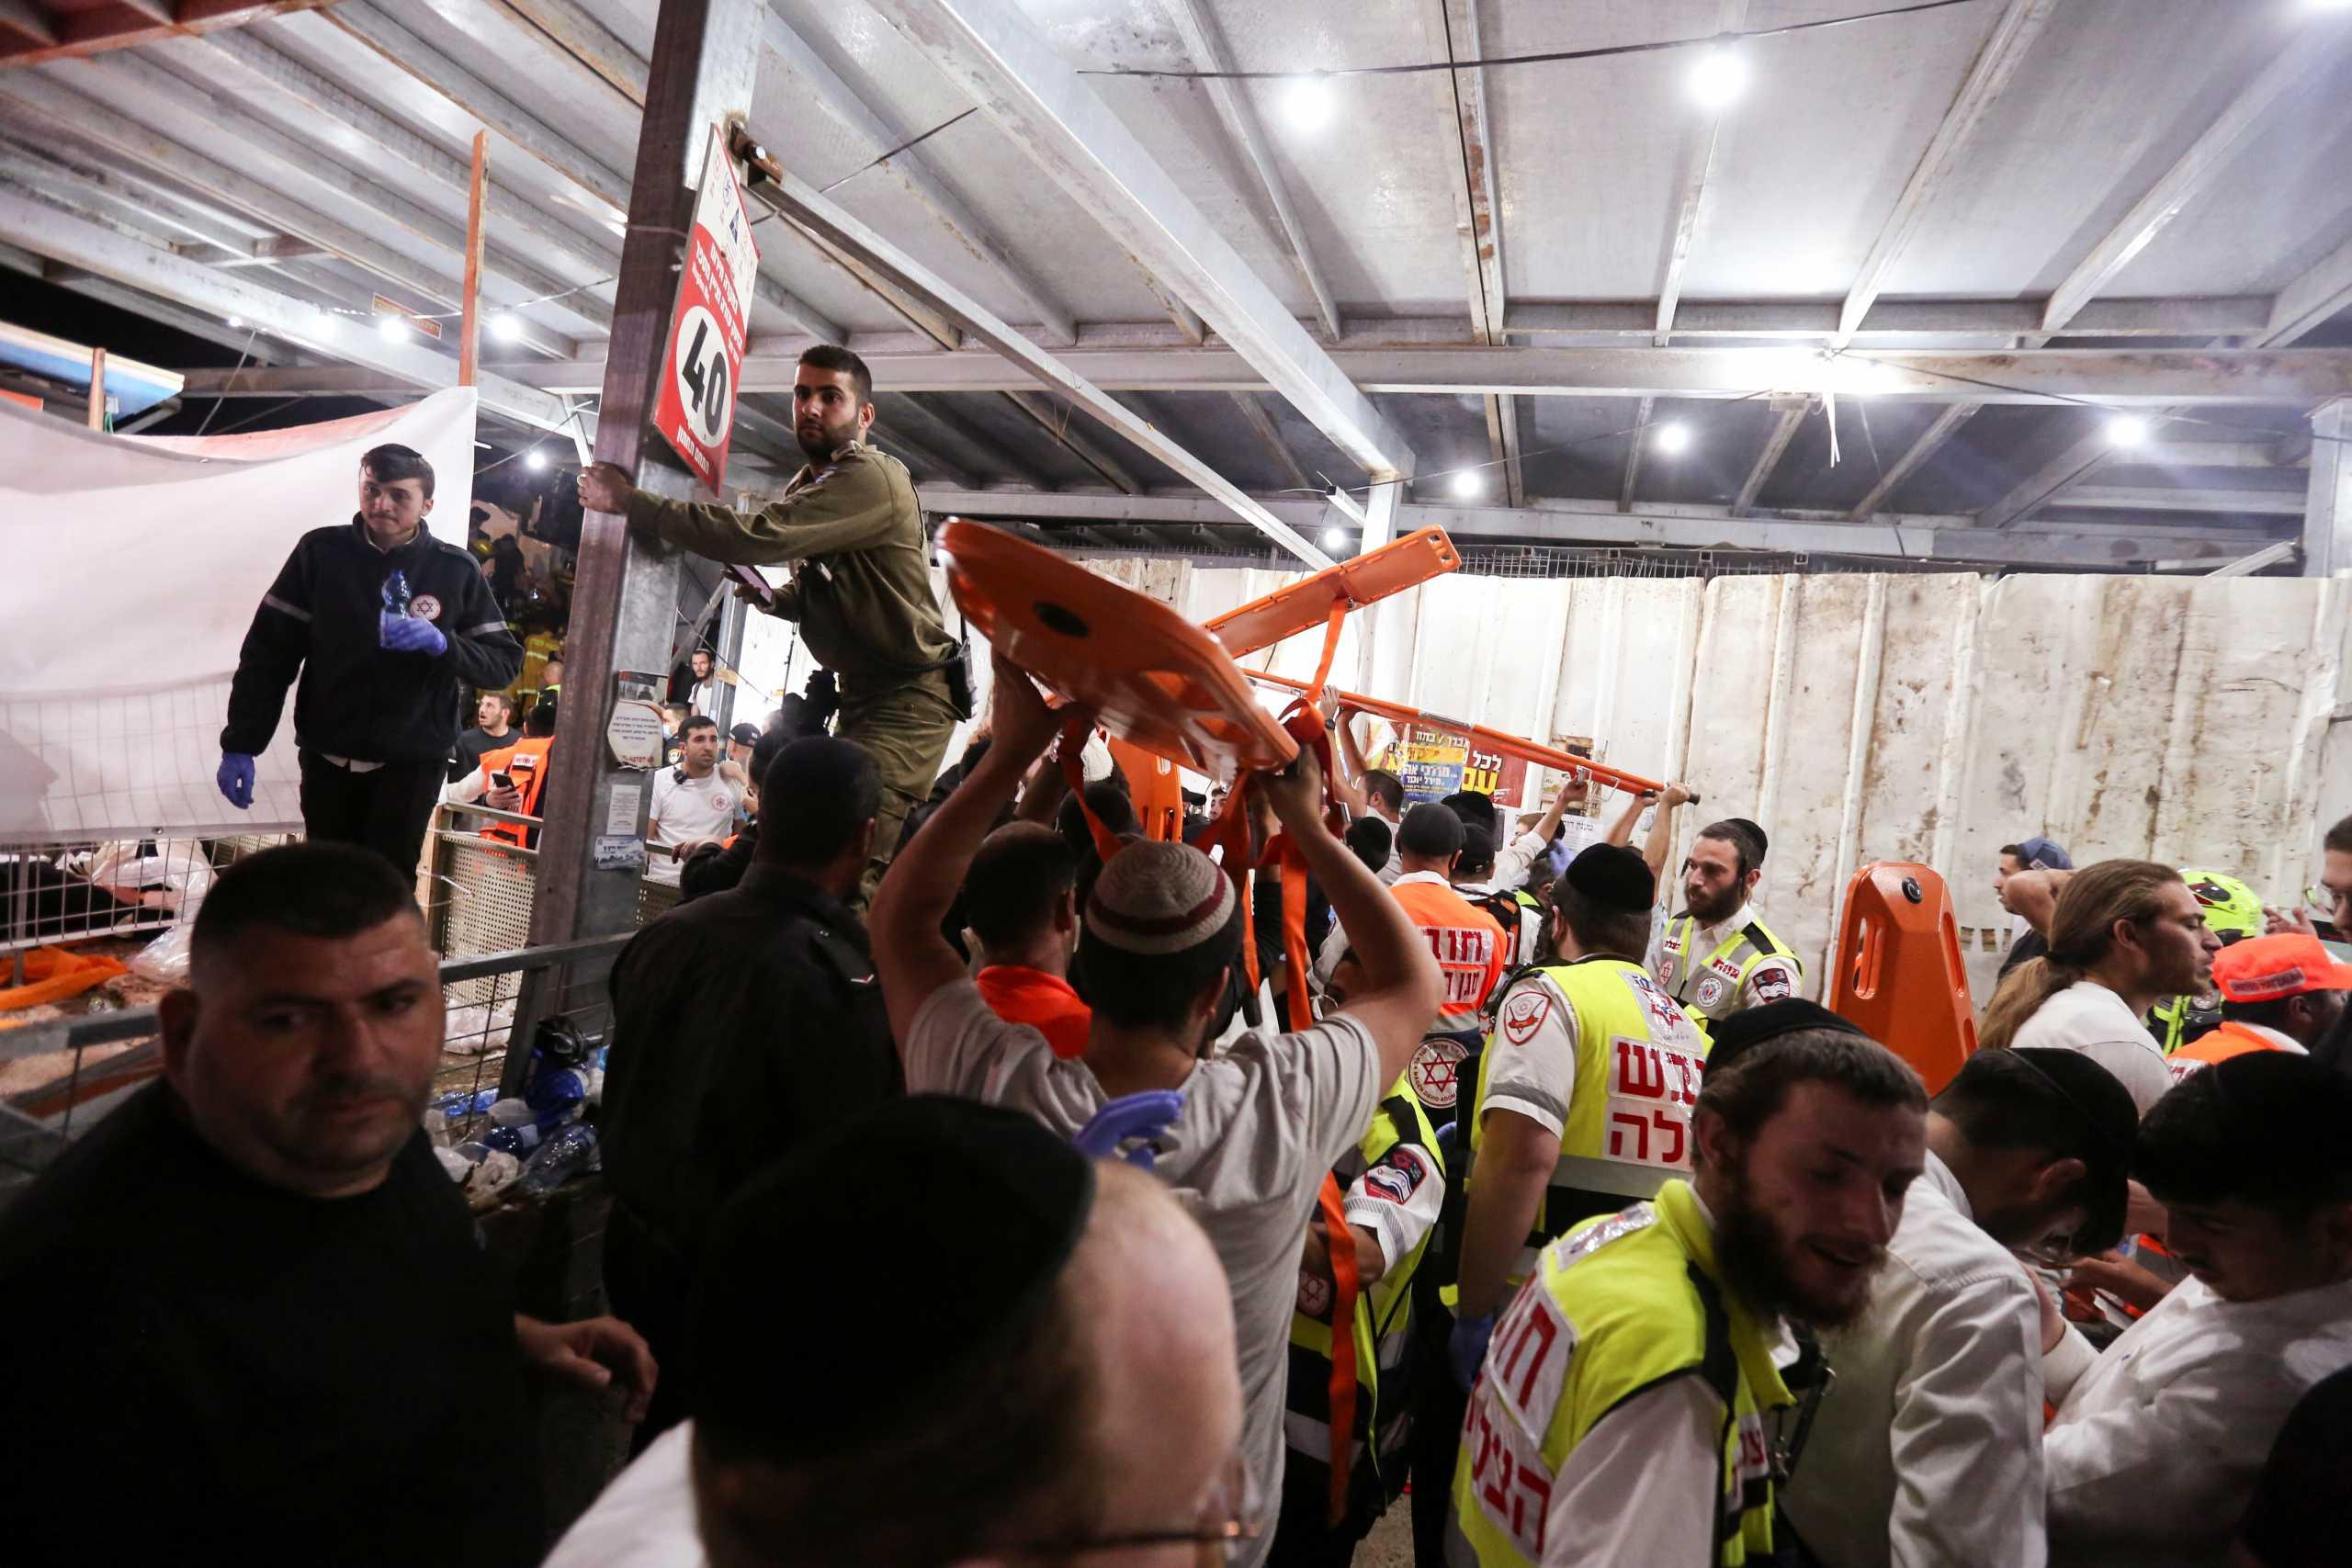 Ισραήλ: Συλλυπητήρια ΕΕ για την τραγωδία στο Όρος Μερόν